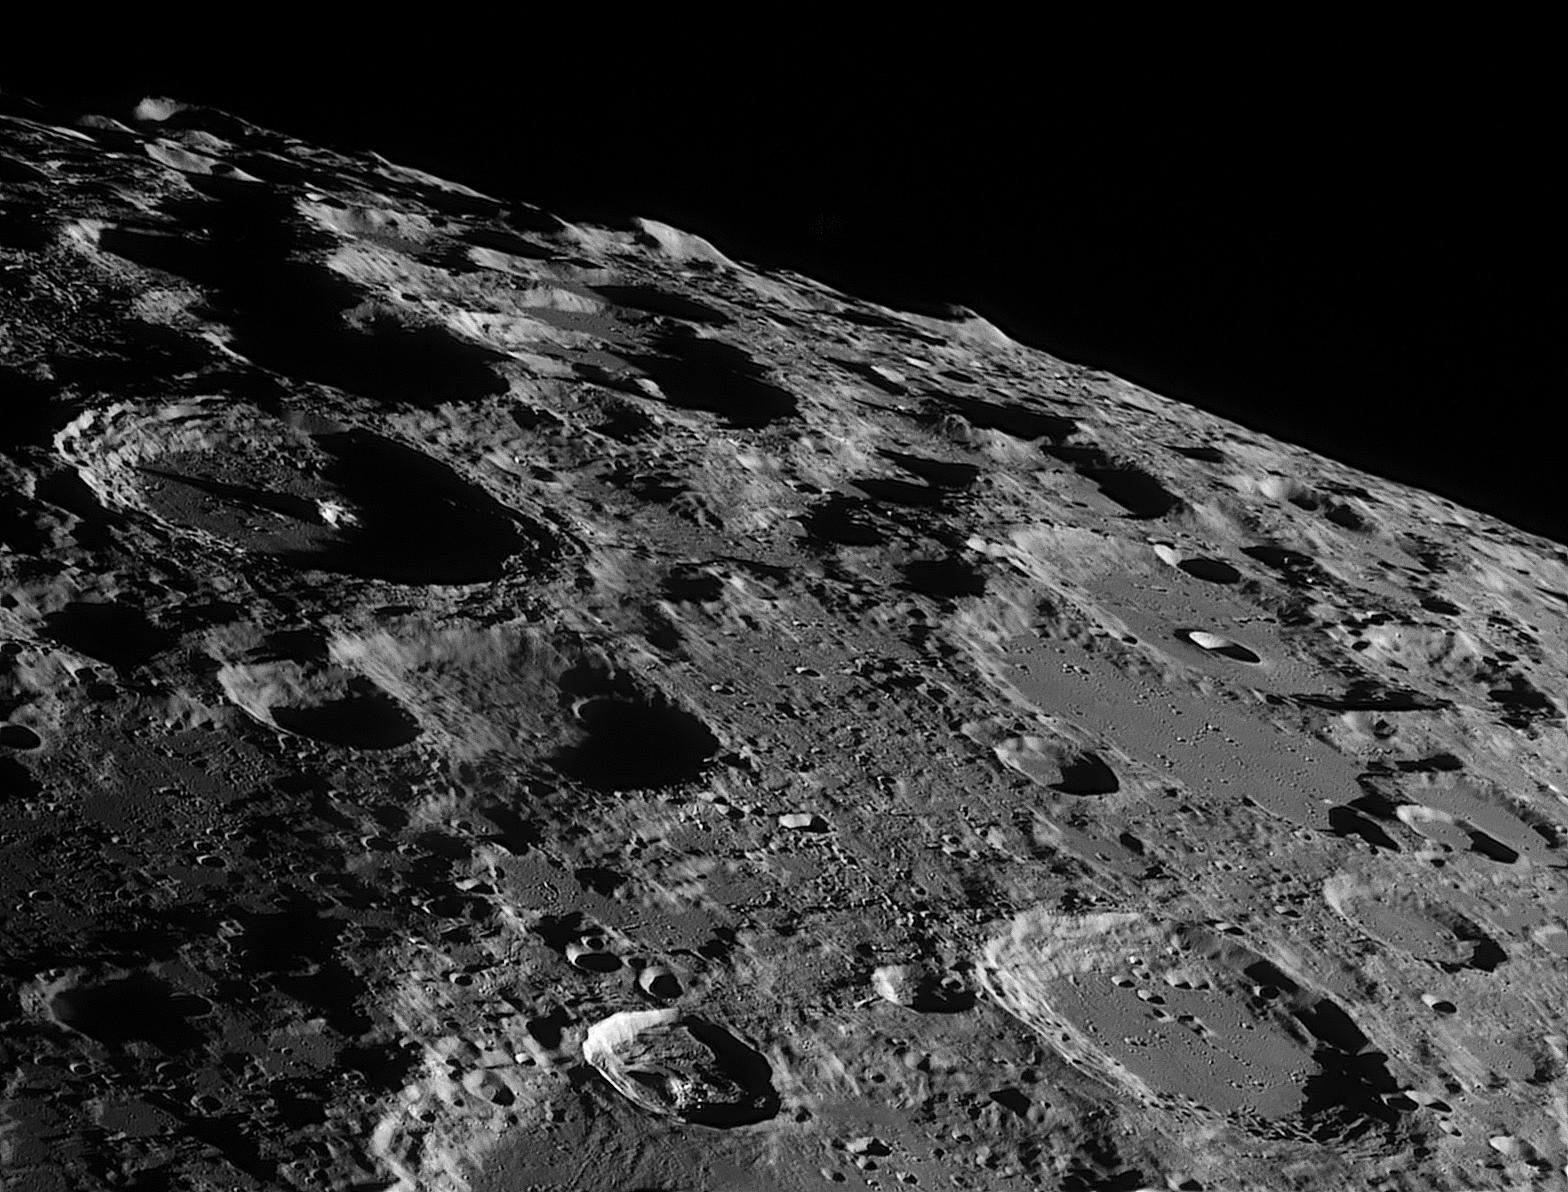 f0c09c90f9967a4072568952fea Роскосмос займется более детальным изучением Луны и Марса